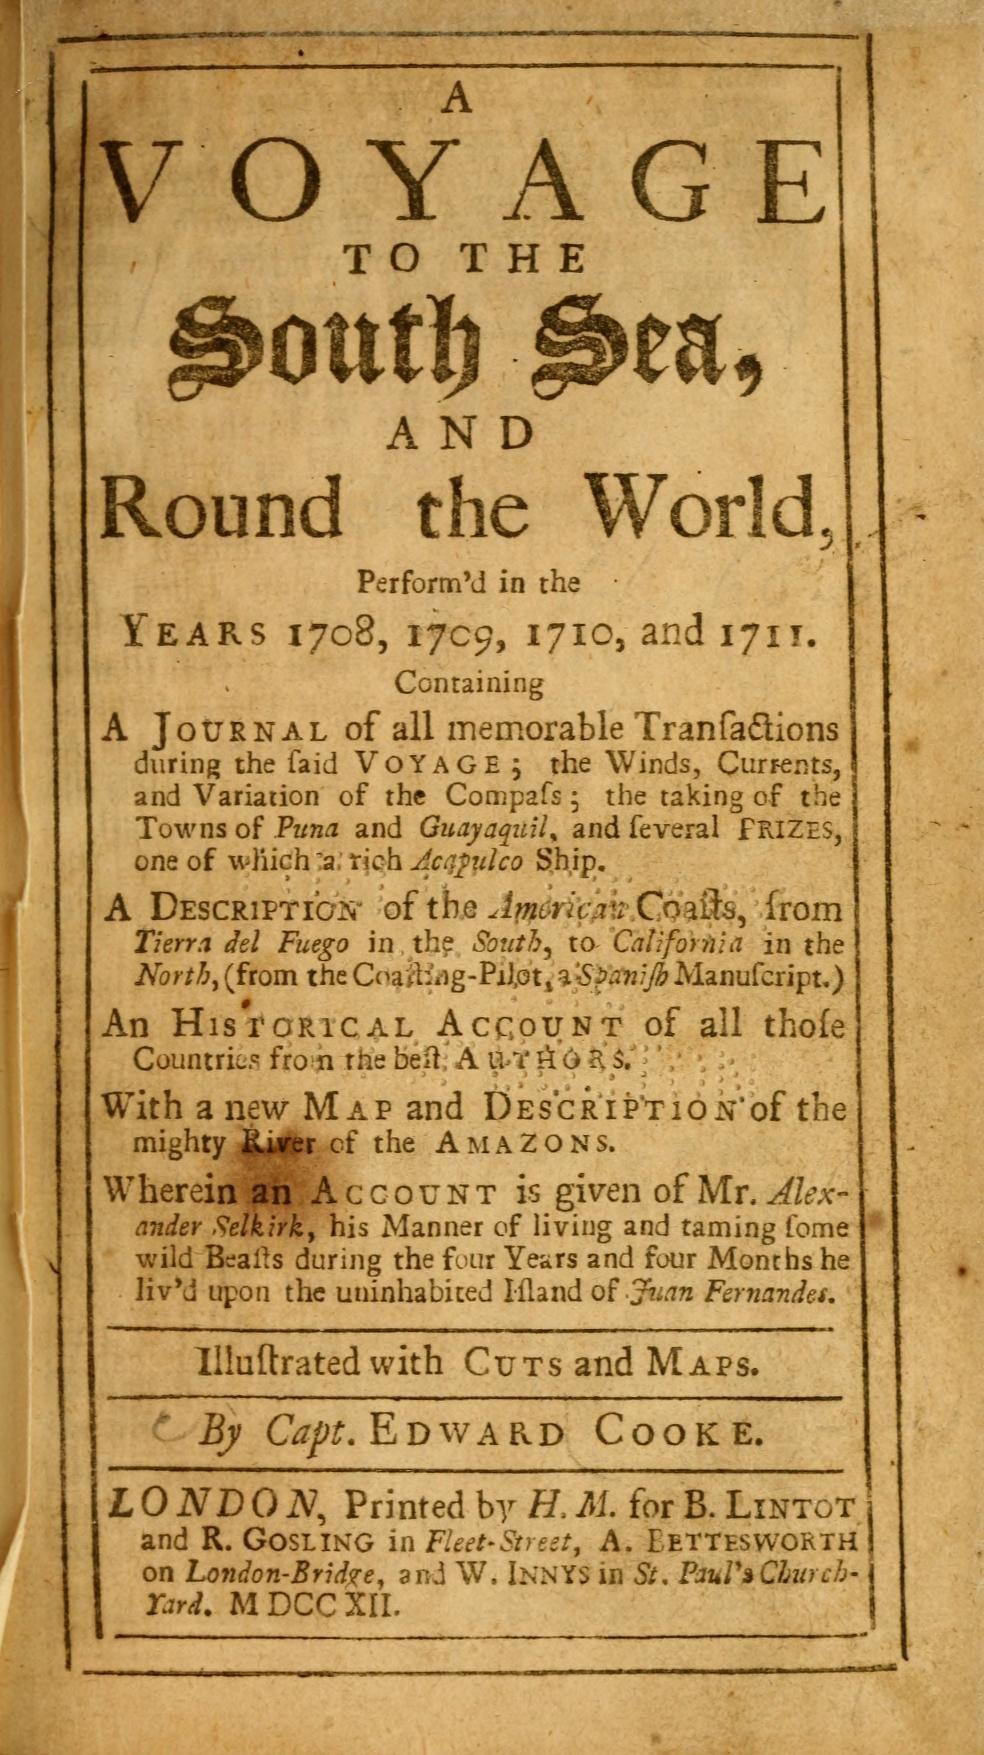 Crónica que recoge la invasión pirata de Woodes Rogers a Guayaquil, escrita por el capitán Edward Cooke (17212)